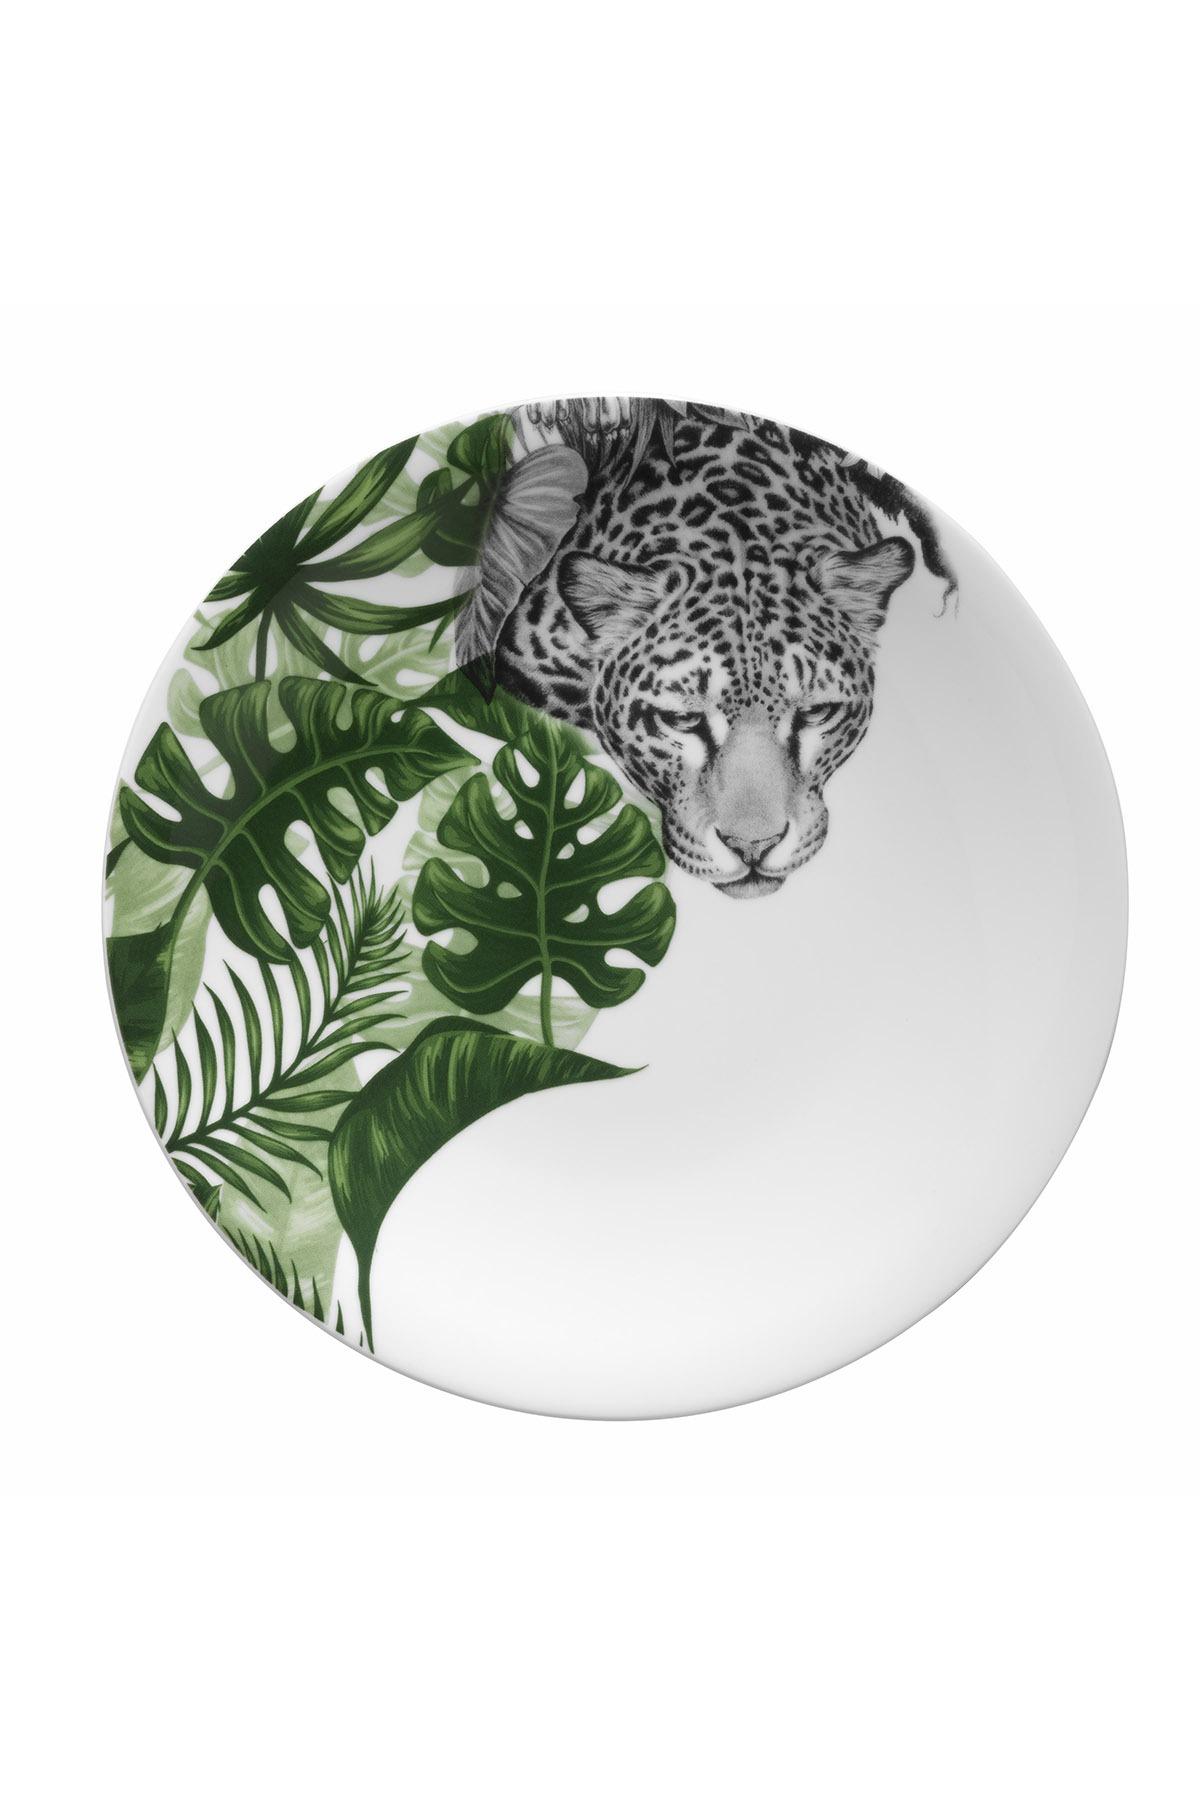 Kütahya Porselen Doğadakiler 27 cm Servis Tabağı Leopar